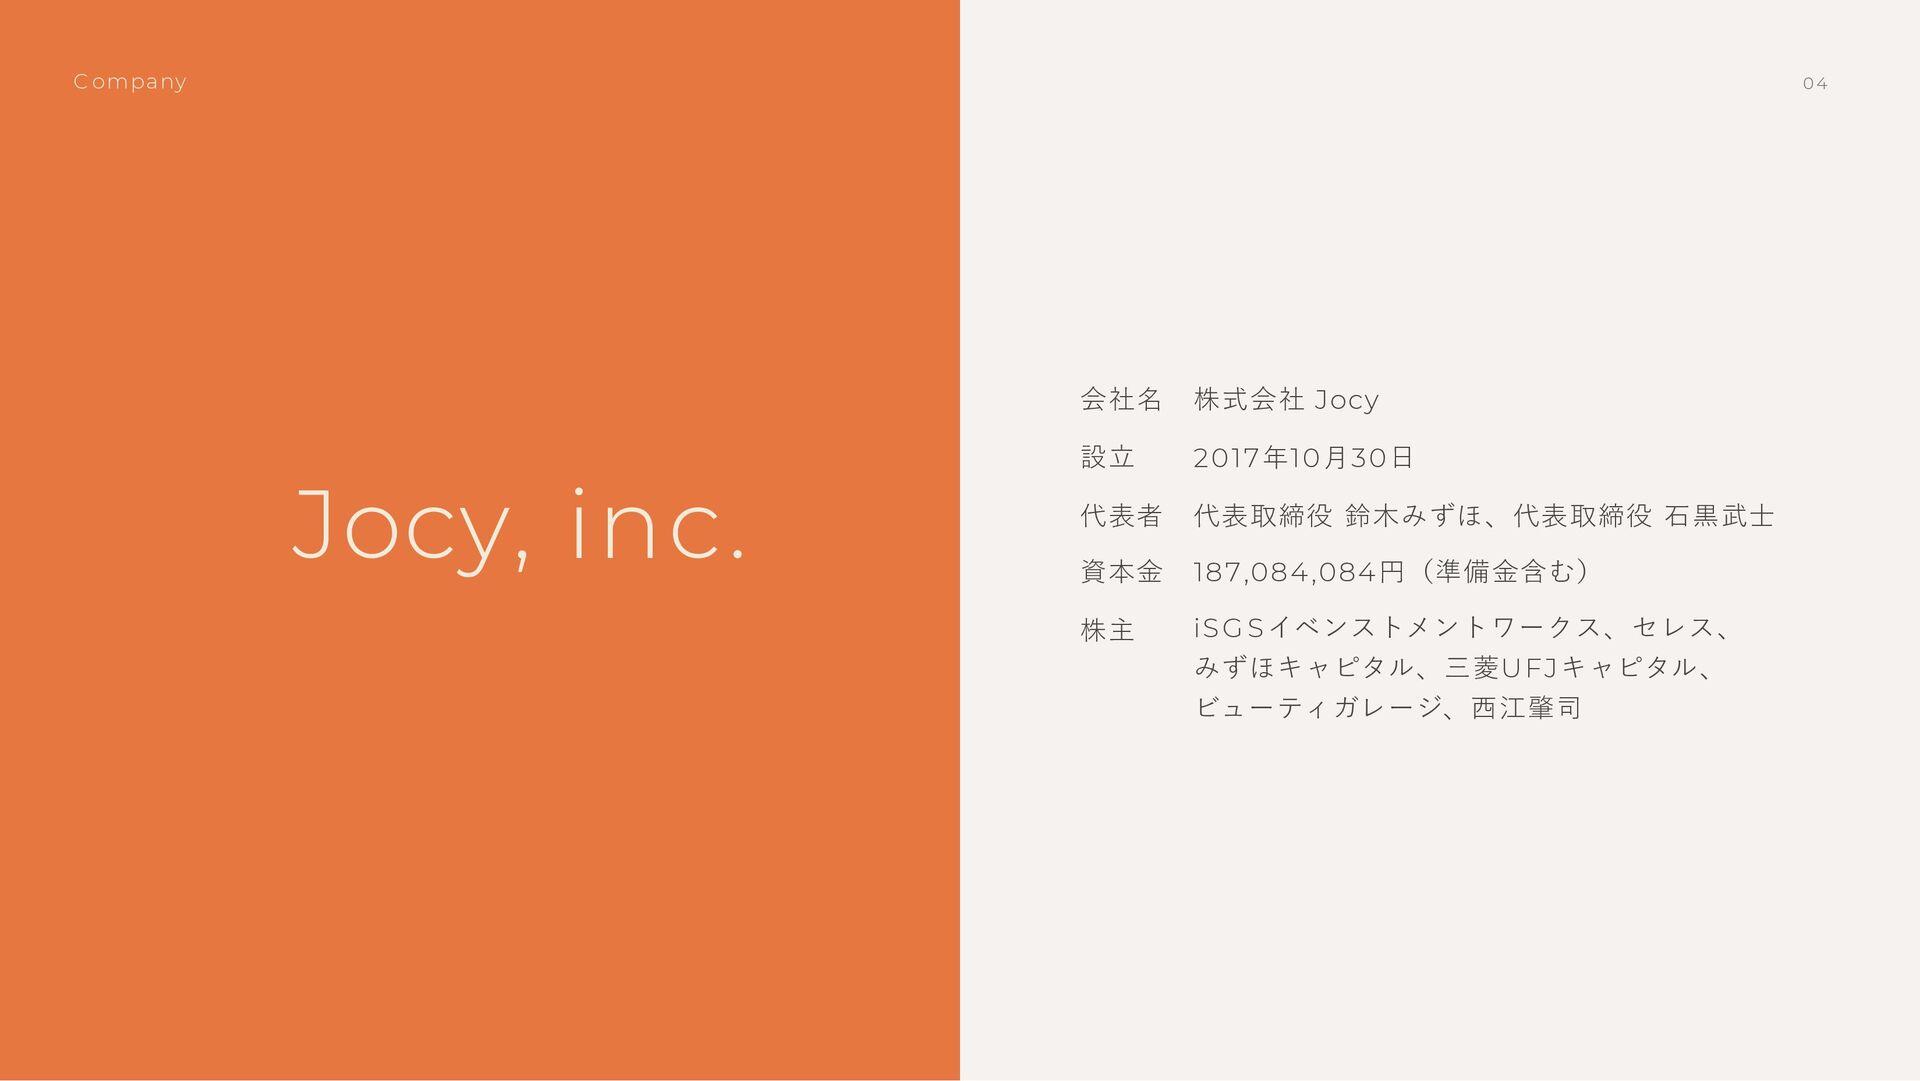 設⽴ 会社名 株式会社 Jocy 2017年10⽉30⽇ 代表者 代表取締役 鈴⽊みずほ、代表...